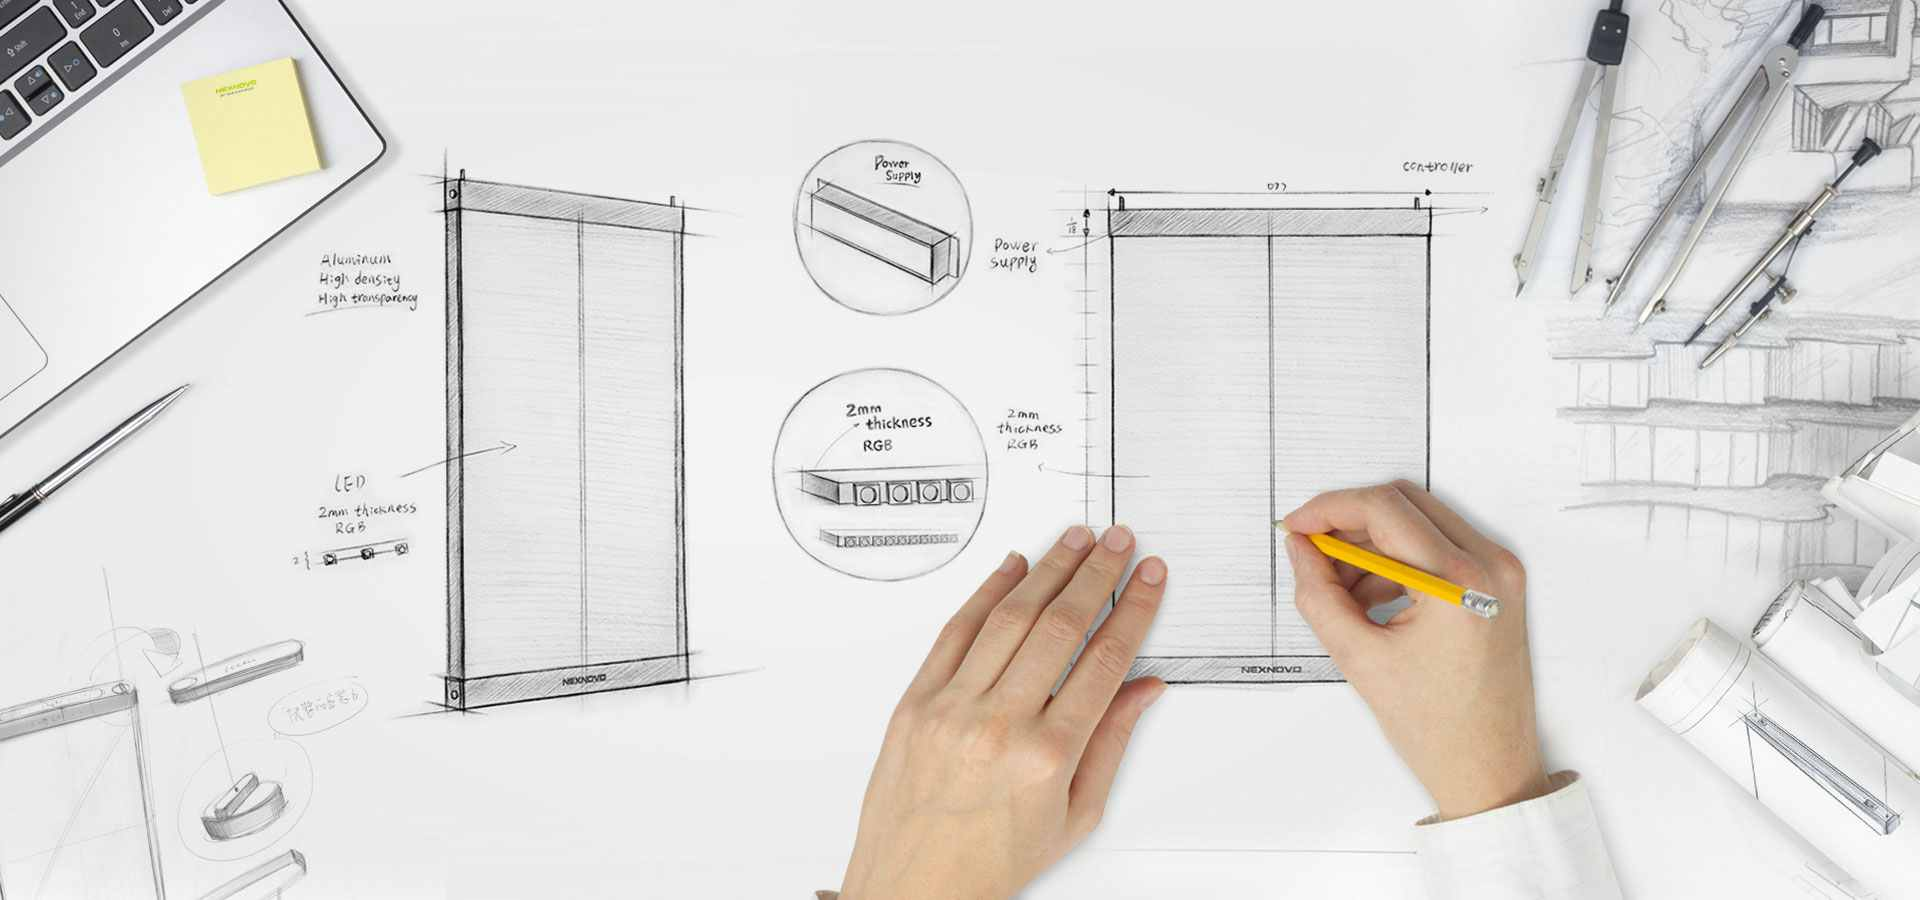 La ingeniería que requiere la instalación de las pantallas de led transparentes es sencilla y poco costosa en la mayoría de las isntalaciones. Screenad cuenta con un equipo técnico capaz de instalar y dar servicio a cualquier proyecto de pantallas de led transparentes